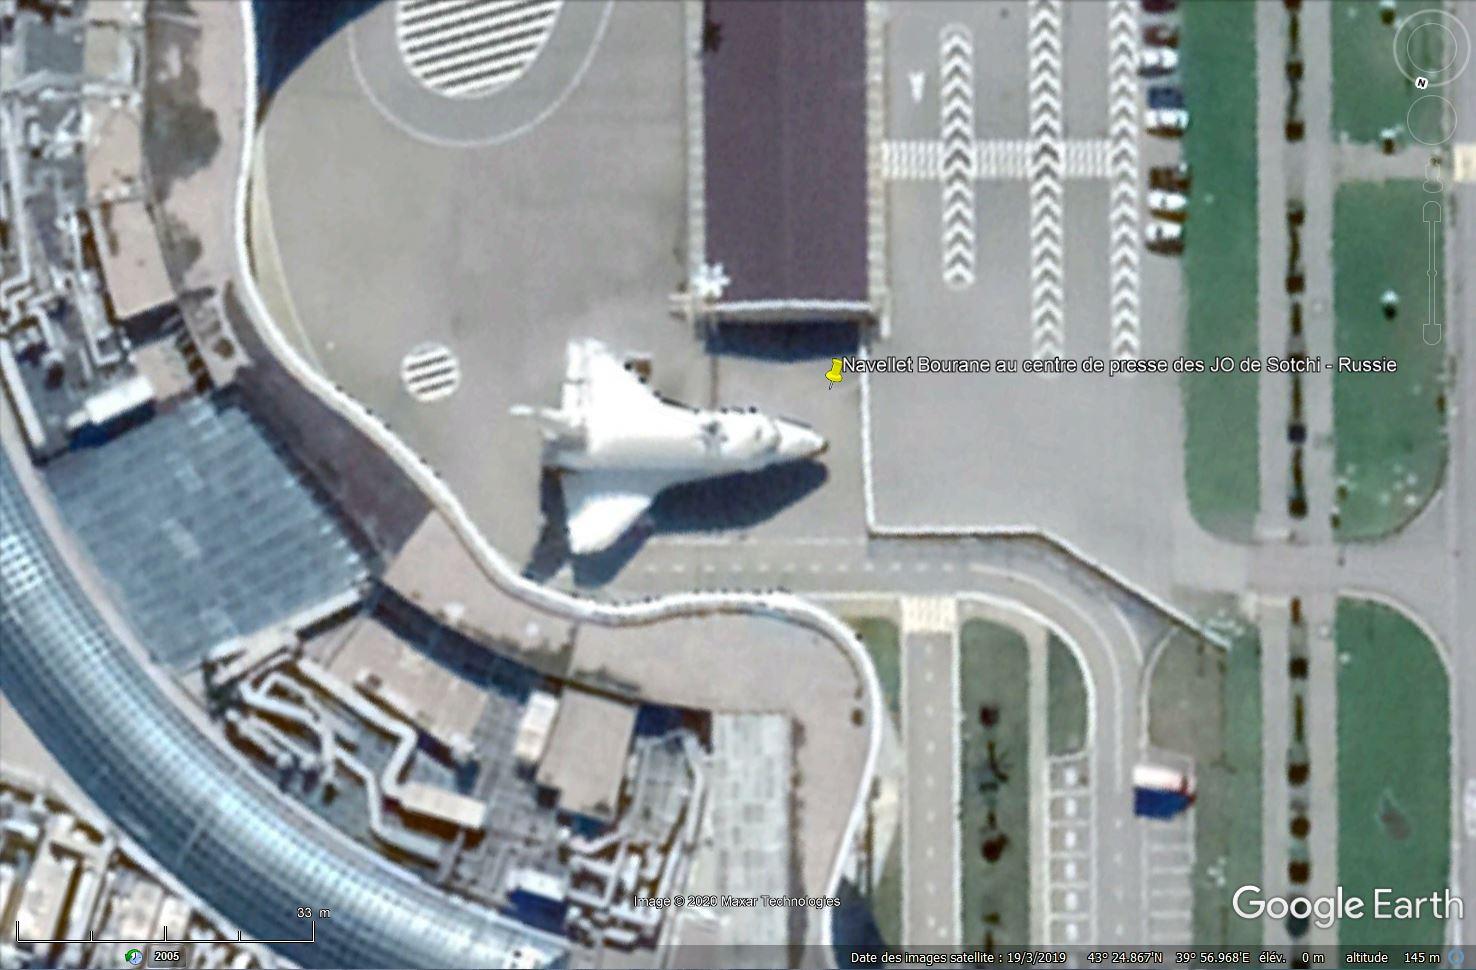 Bourane, la navette russe repérée dans Google Earth - Page 3 Tsge1035